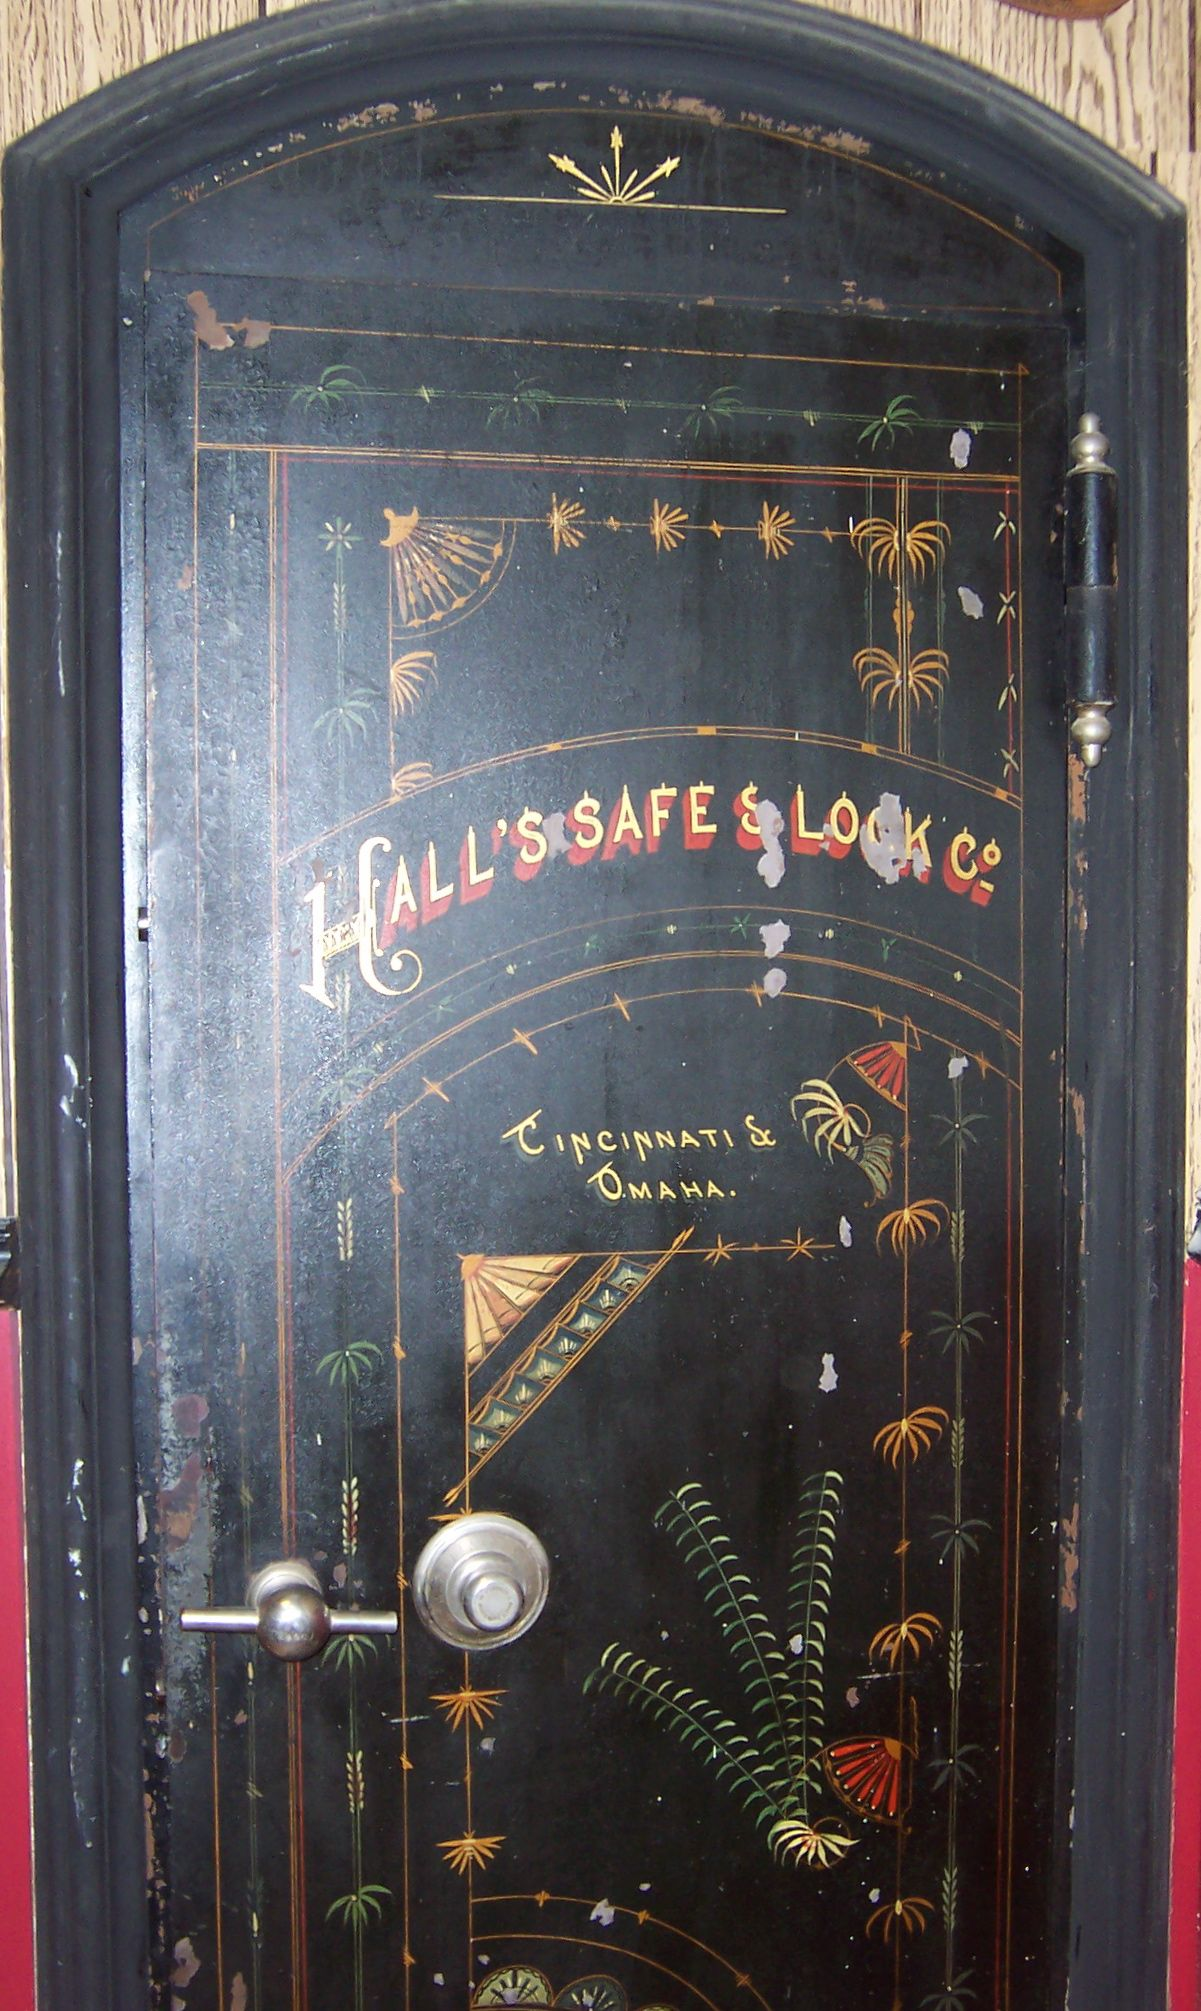 Old Bank Safe Door Tekahma Nebraska Ca 1900 Door And Safe Are